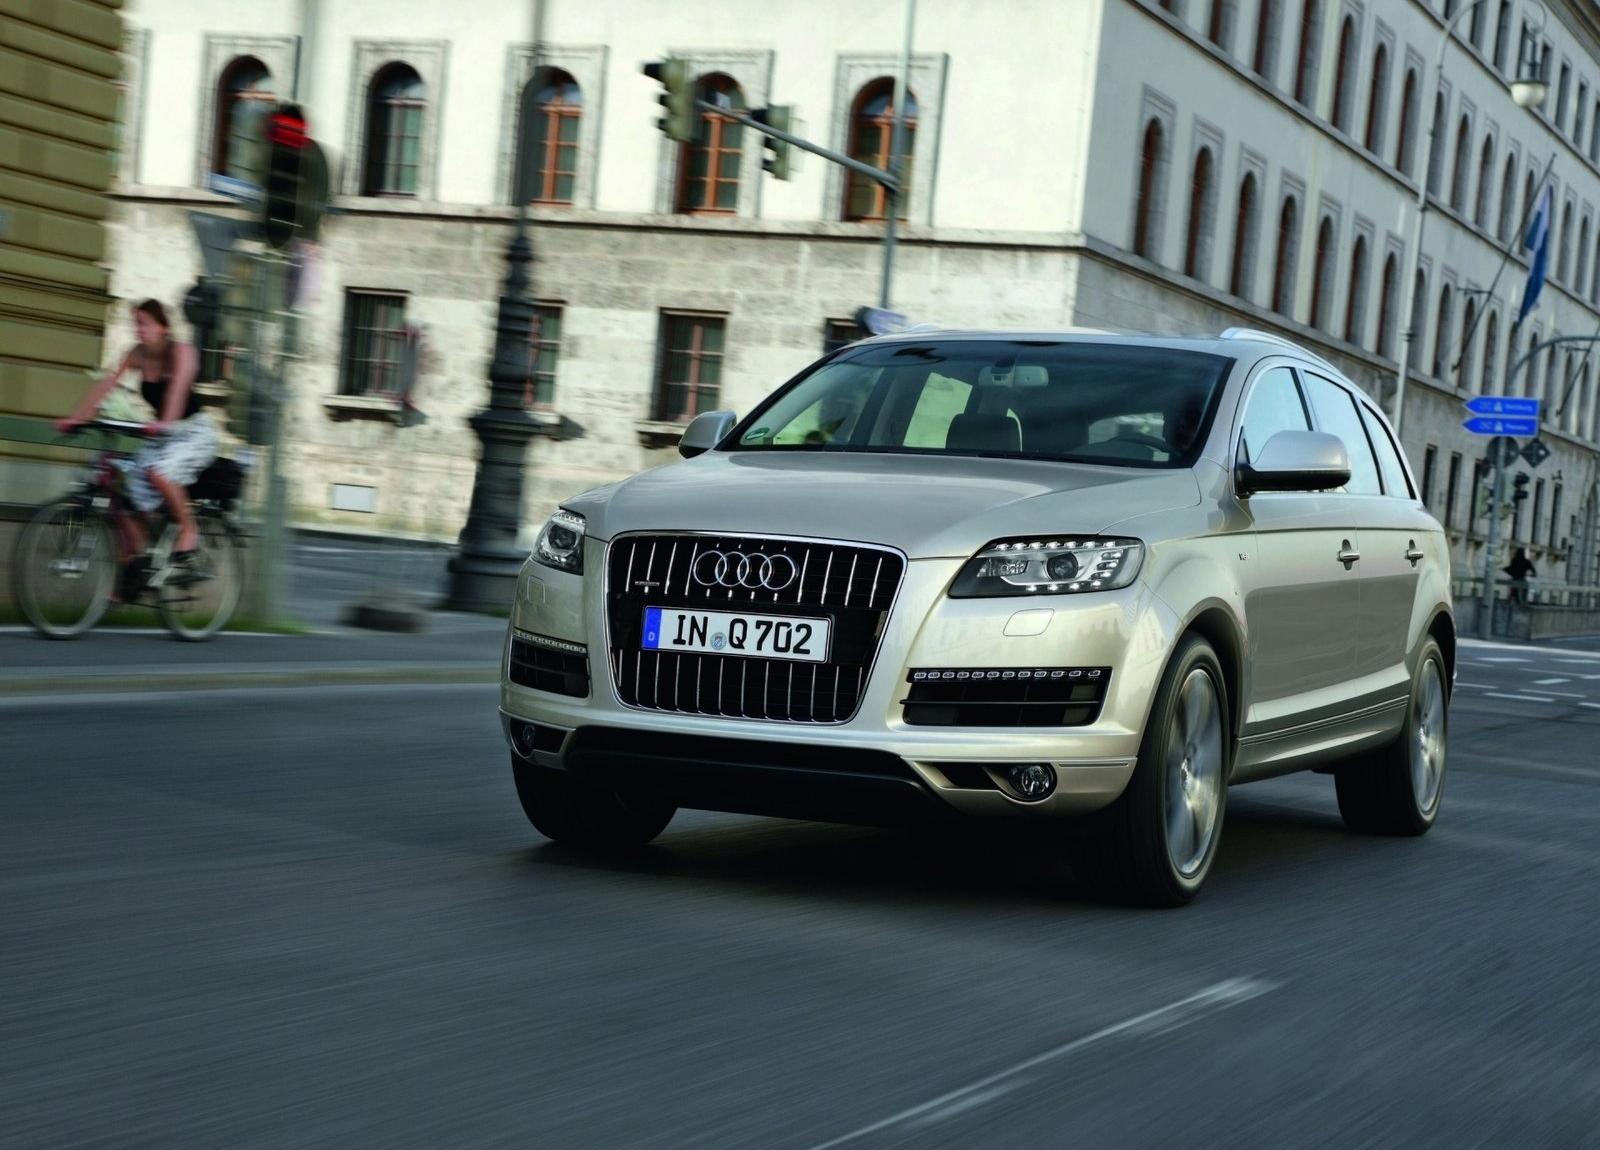 http://2.bp.blogspot.com/-RRee_EIbKRY/T0fUIIe1X9I/AAAAAAAAE9U/zyecrQHYLiM/s1600/Audi-2011_Q7_wallpaper-1600x1200_0012.jpg